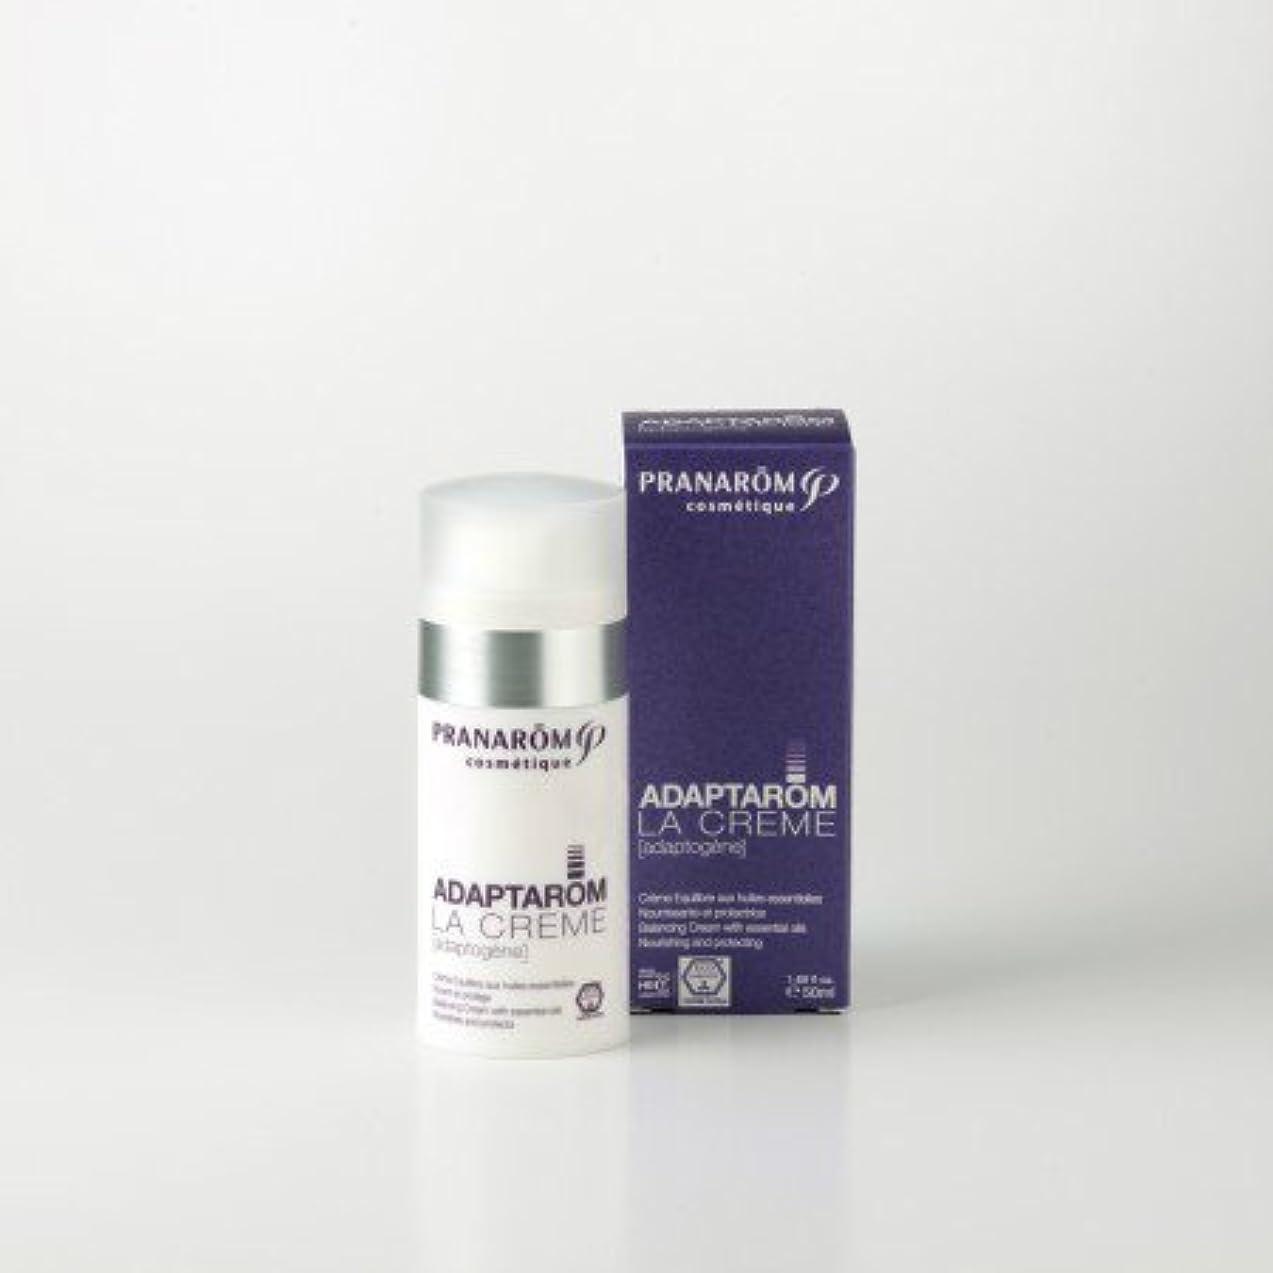 尊厳賞感染するプラナロム アダプタロム クリーム 50ml (PRANAROM 基礎化粧品 アダプタロム)